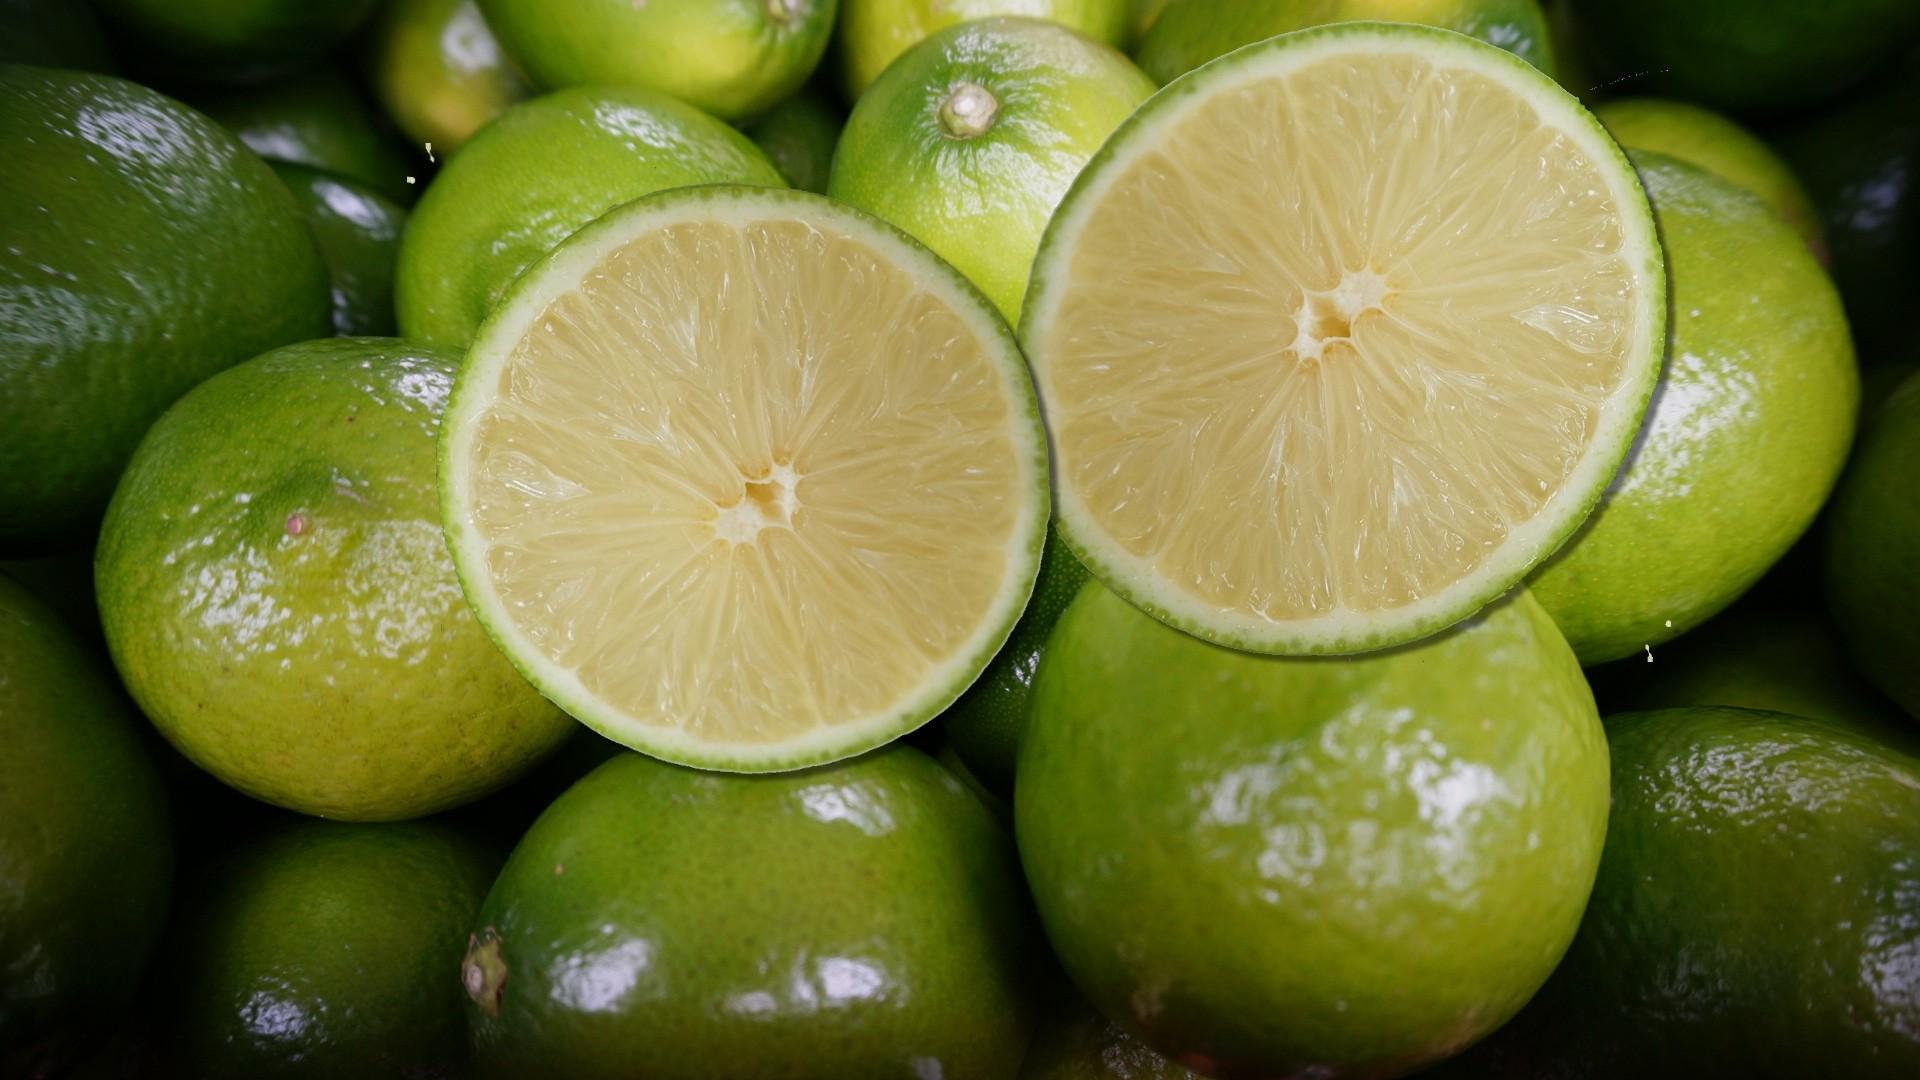 南投A級無籽檸檬 | 特級無子檸檬 | 特級無籽檸檬(30斤裝